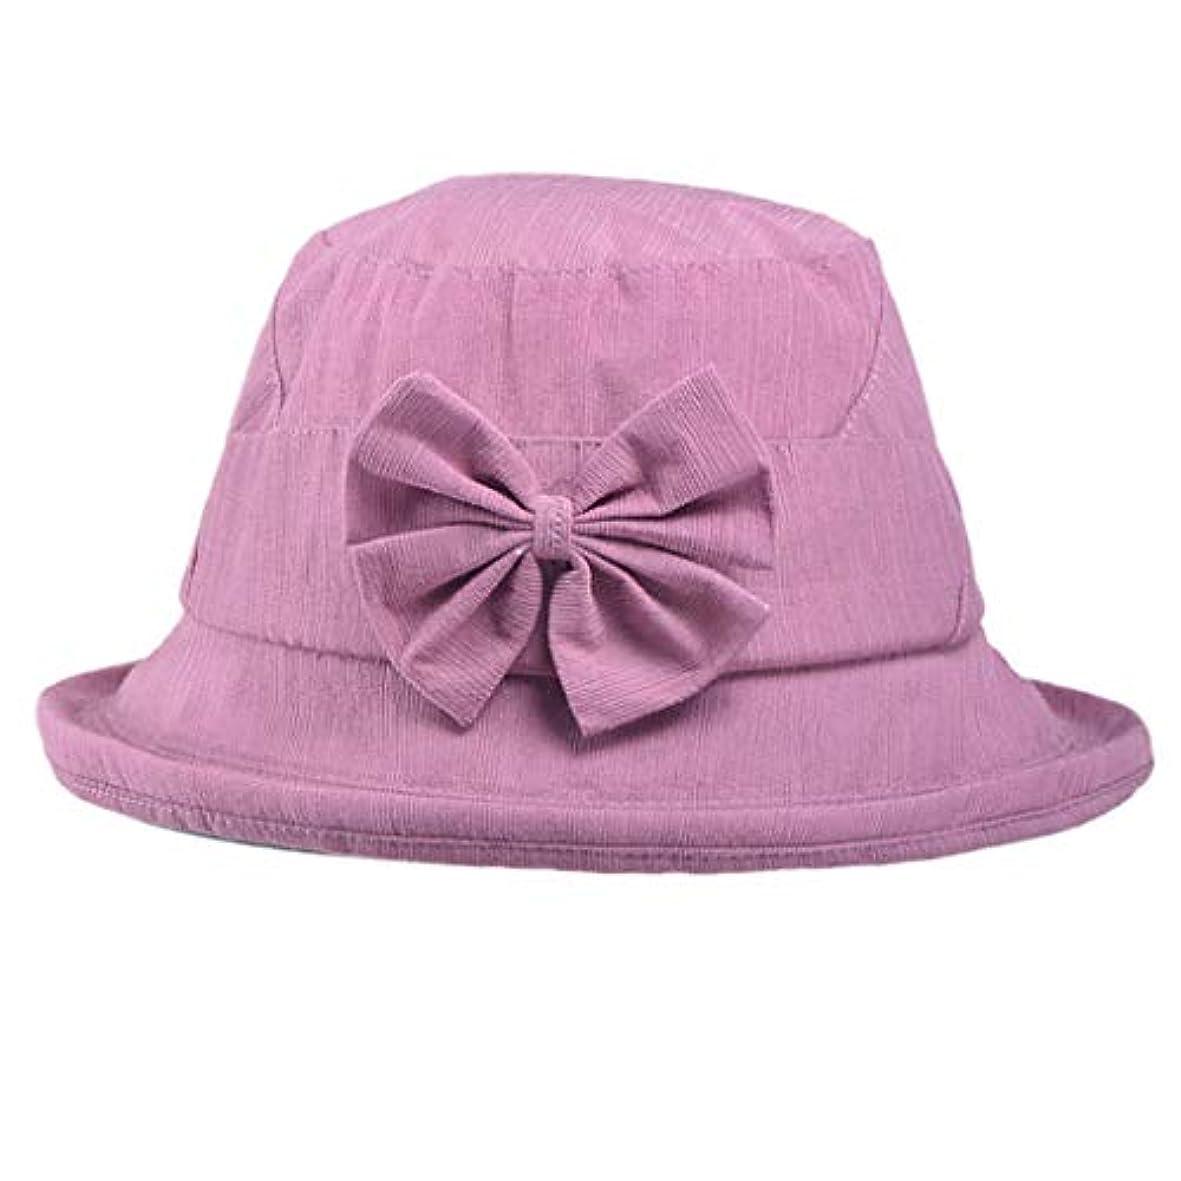 製作中傷に応じてファッション小物 夏 帽子 レディース UVカット 帽子 アウトドア 夏 春 UVカット 帽子 蝶結び 漁師帽 日焼け防止 つば広 無地 ハット レディース 女性 紫外線対策 大きいサイズ 夏季 ビーチ ROSE ROMAN